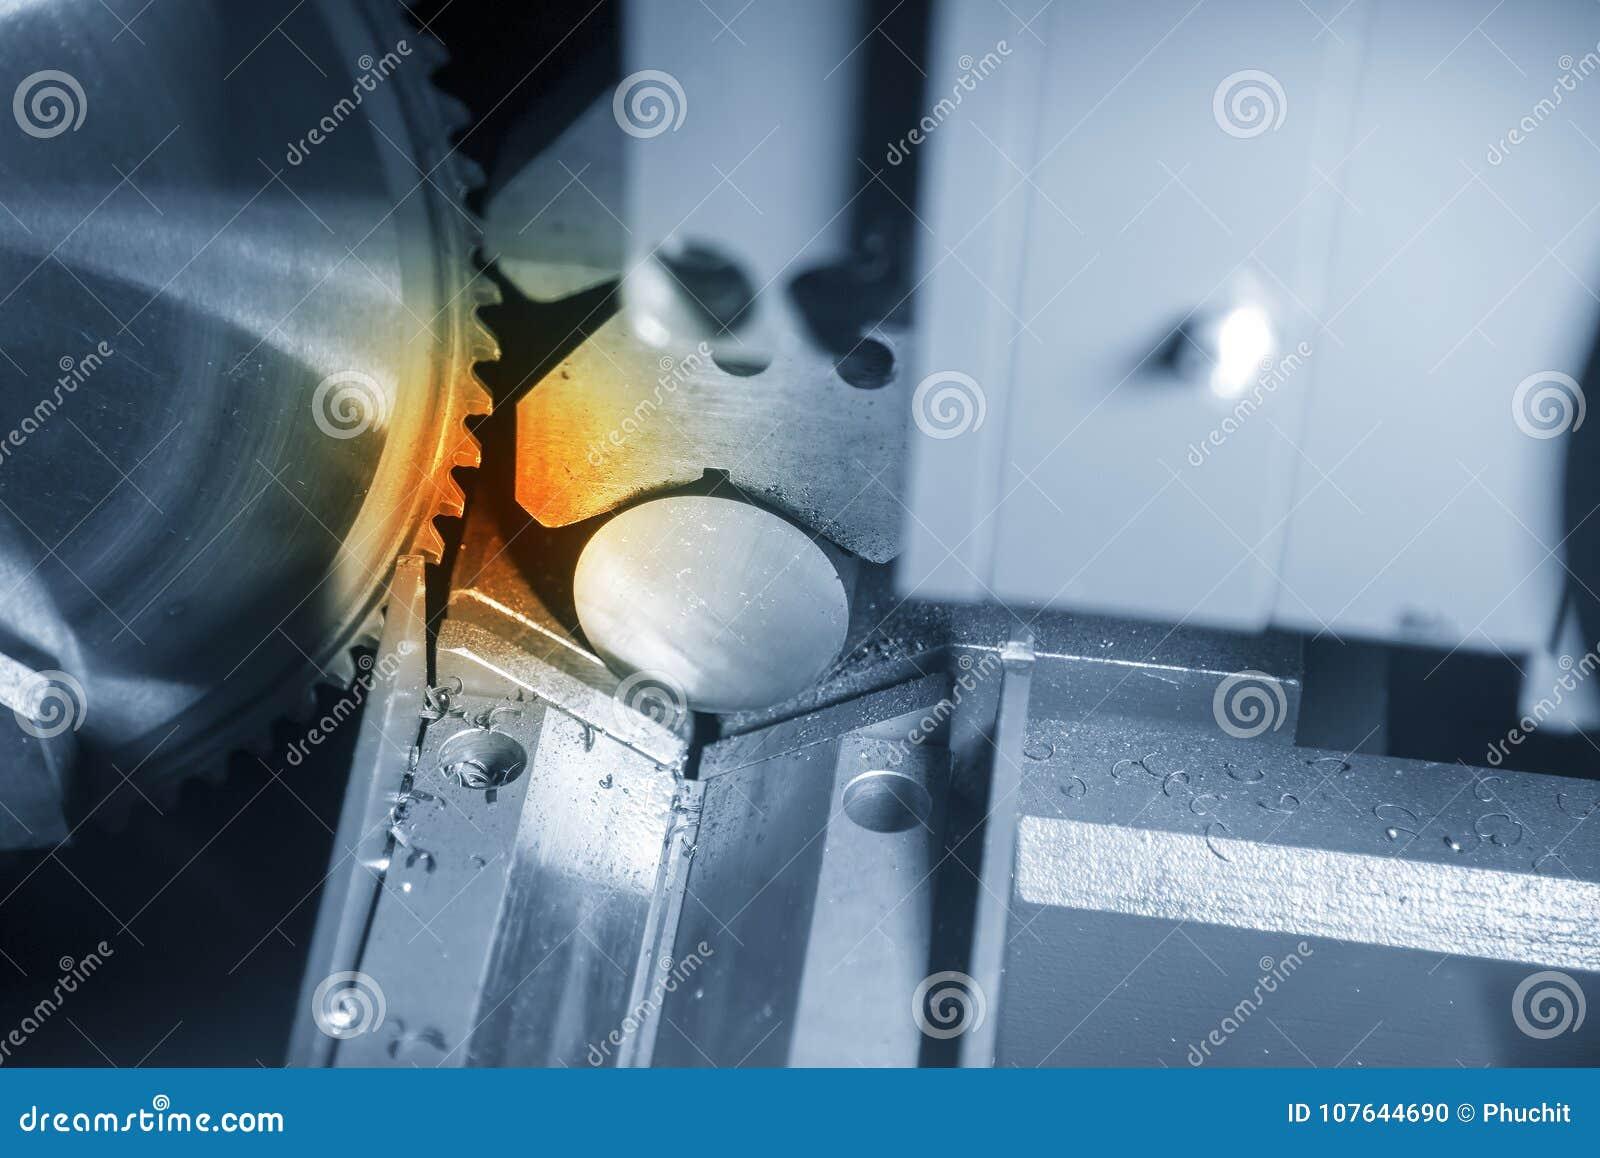 The circular saw machine cutting the metal rod.